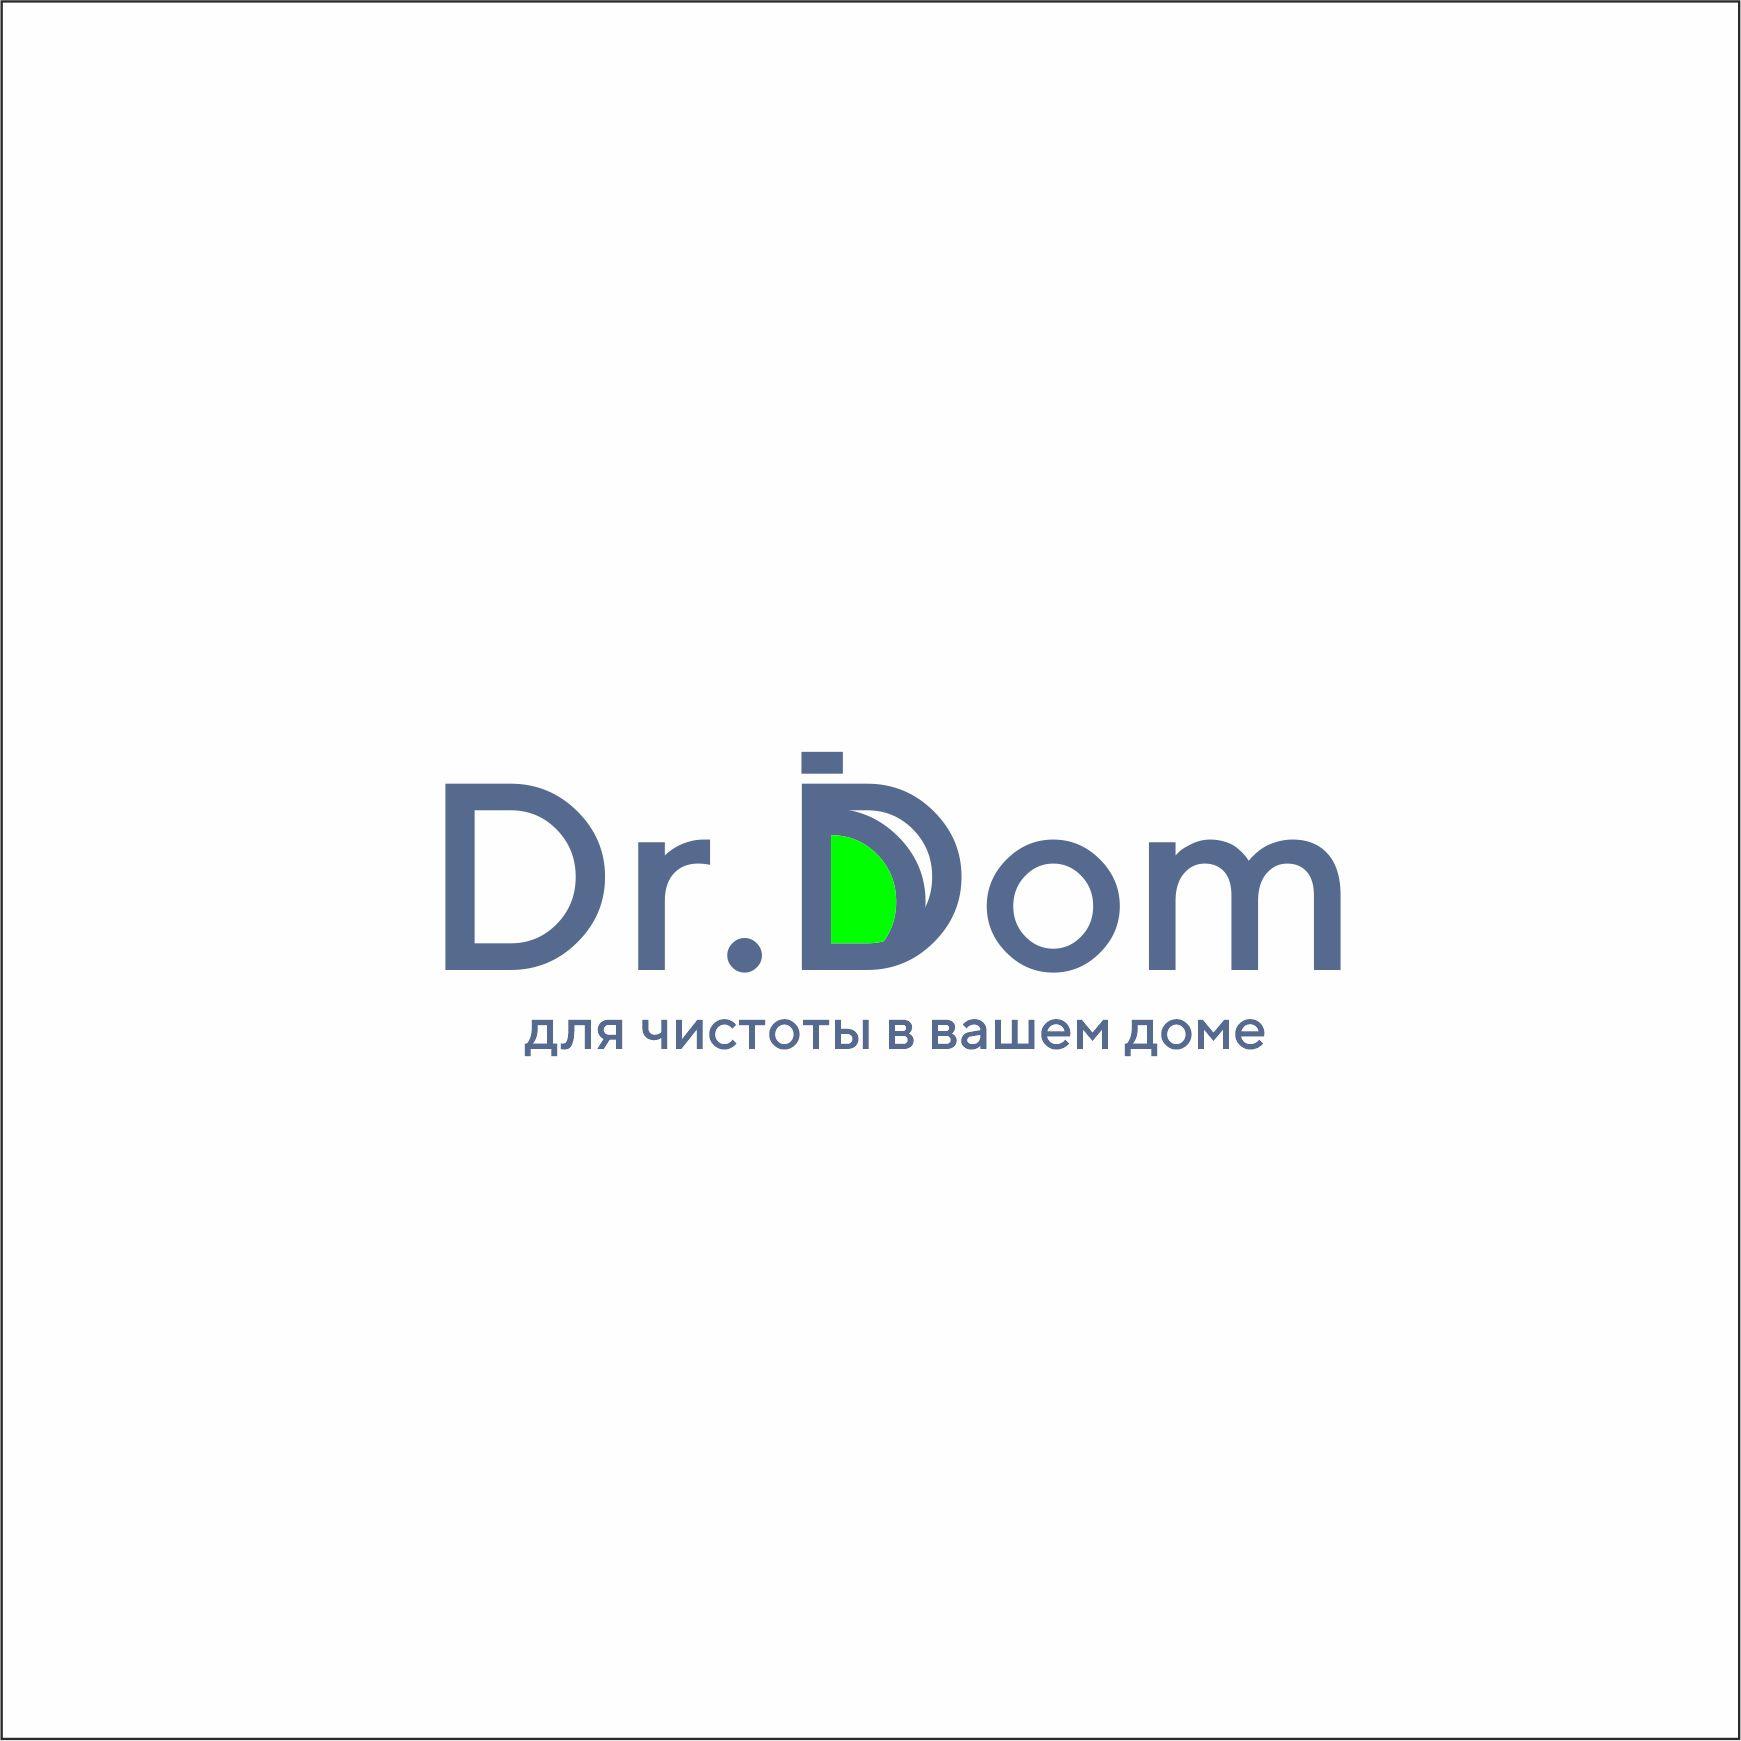 Разработать логотип для сети магазинов бытовой химии и товаров для уборки фото f_5275ffeb4012f9e5.jpg